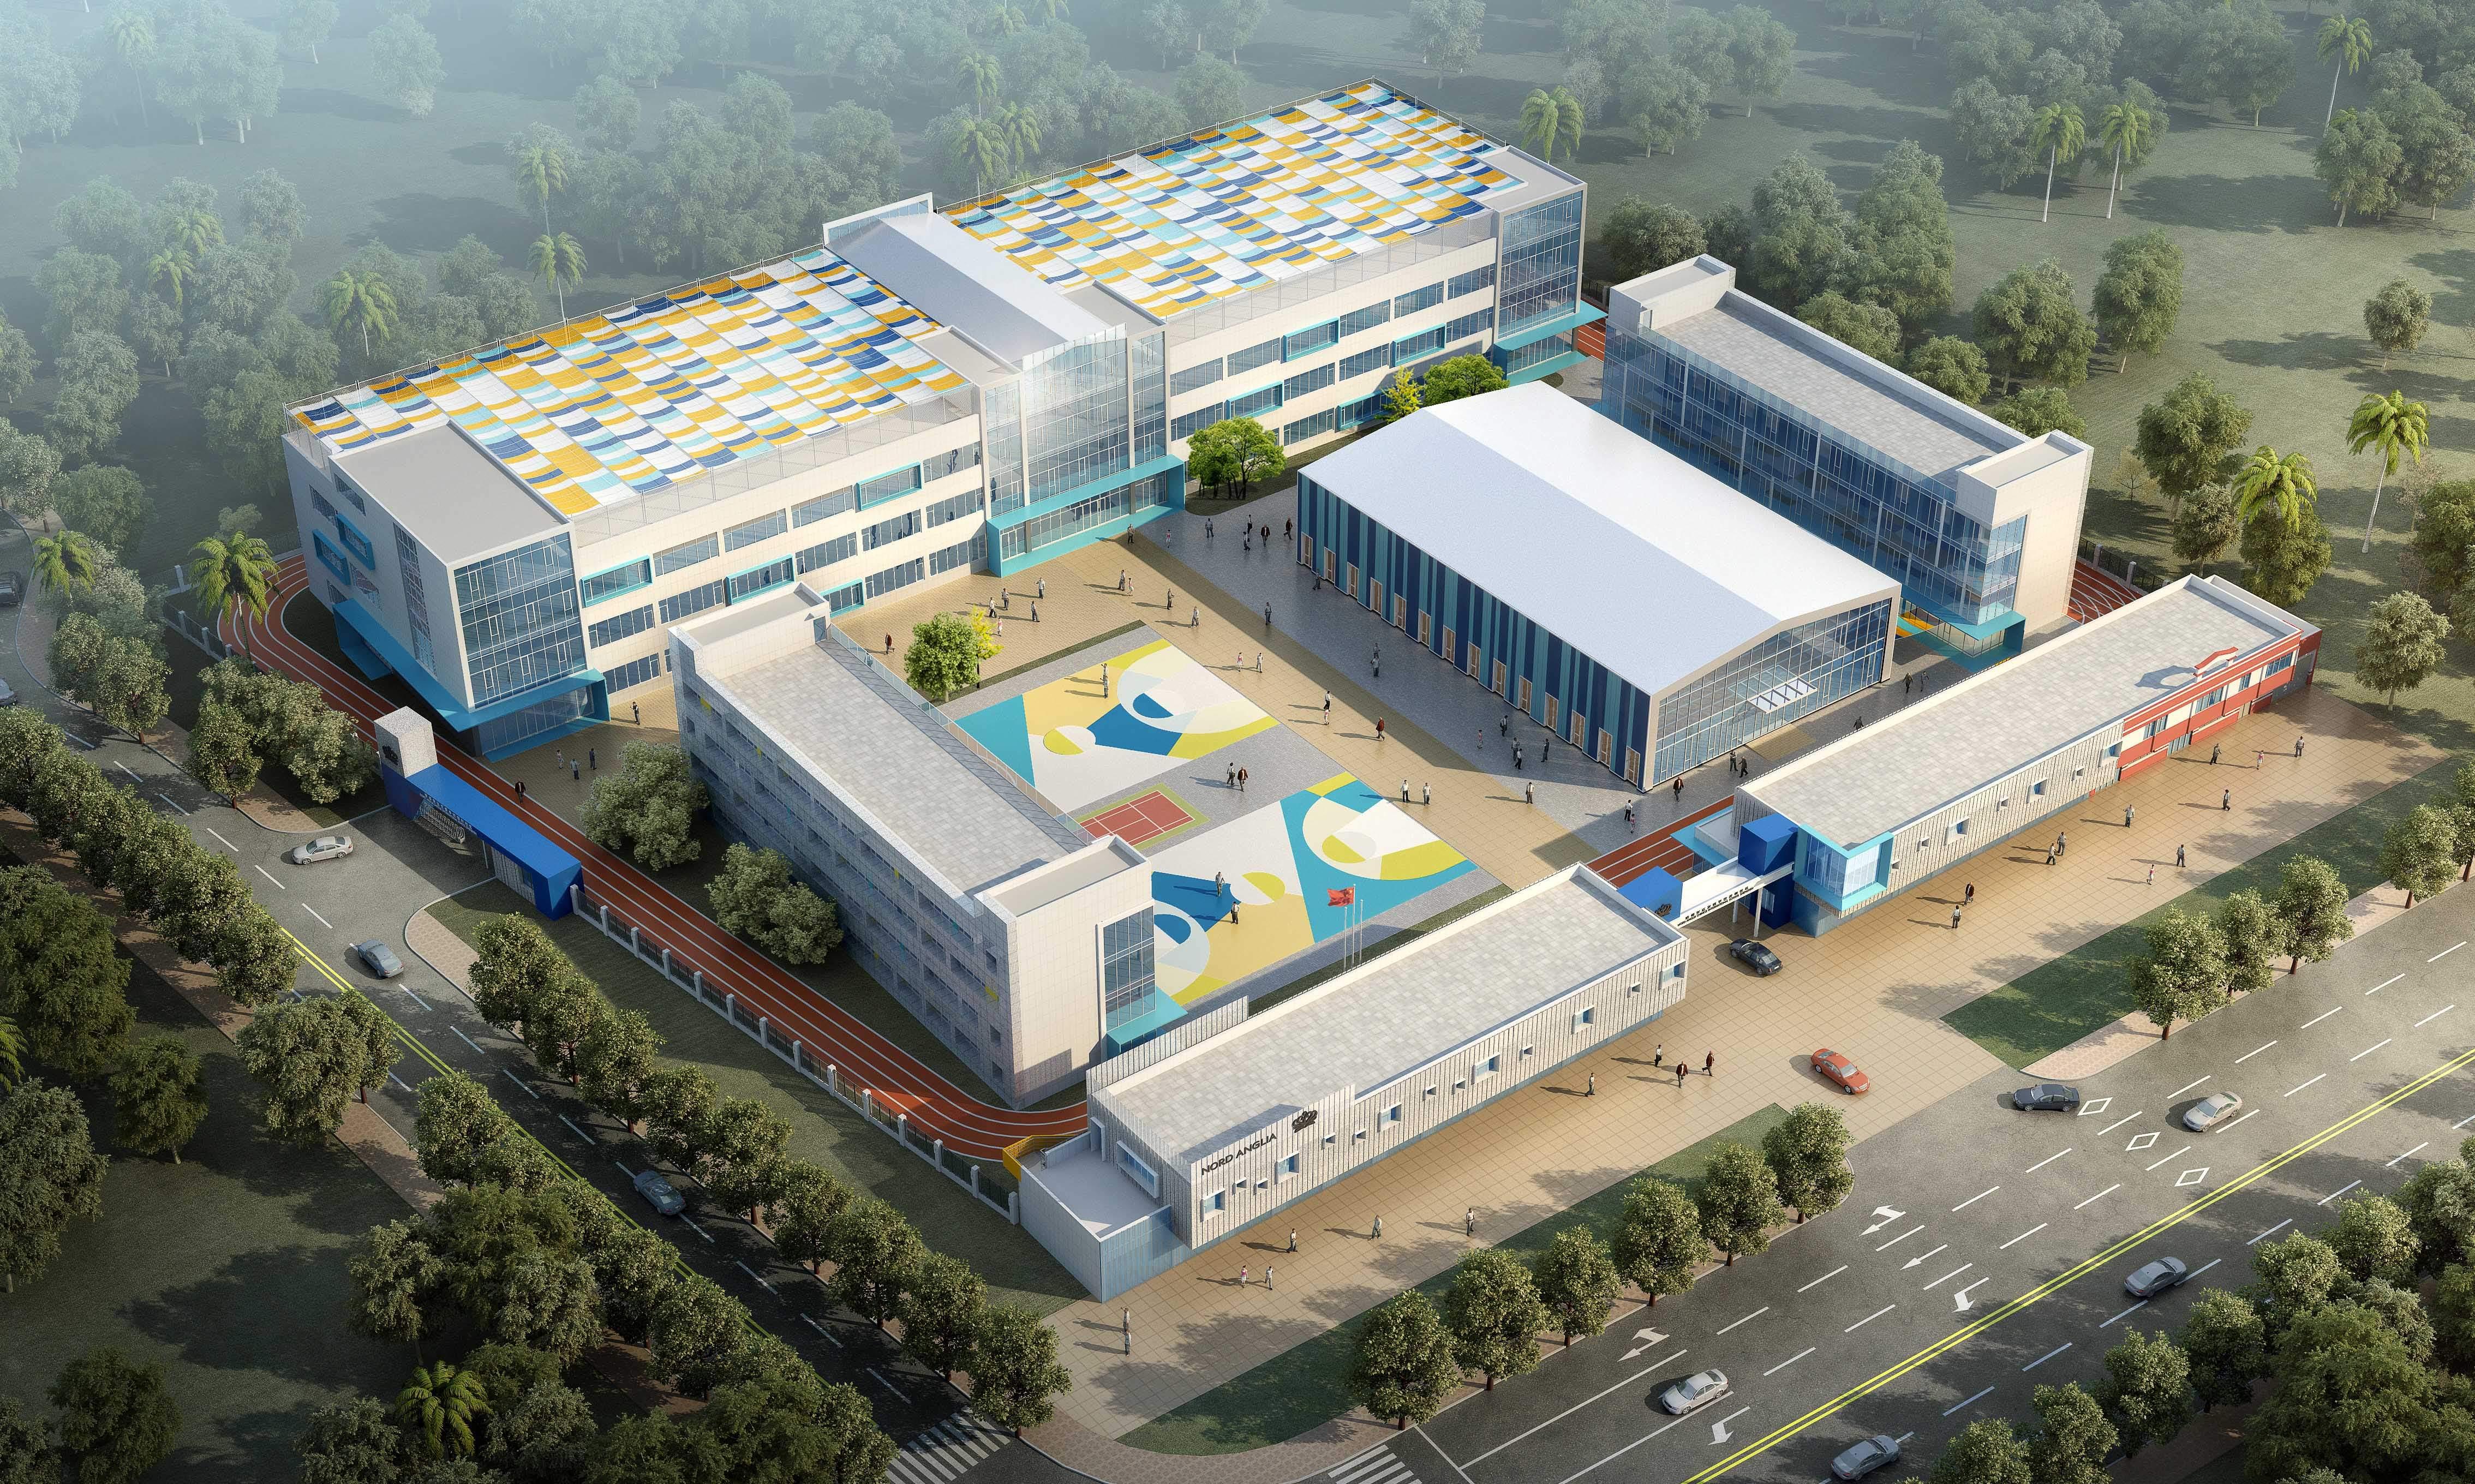 快讯|深圳市龙华区诺德安达双语学校将迎来第一批学生!